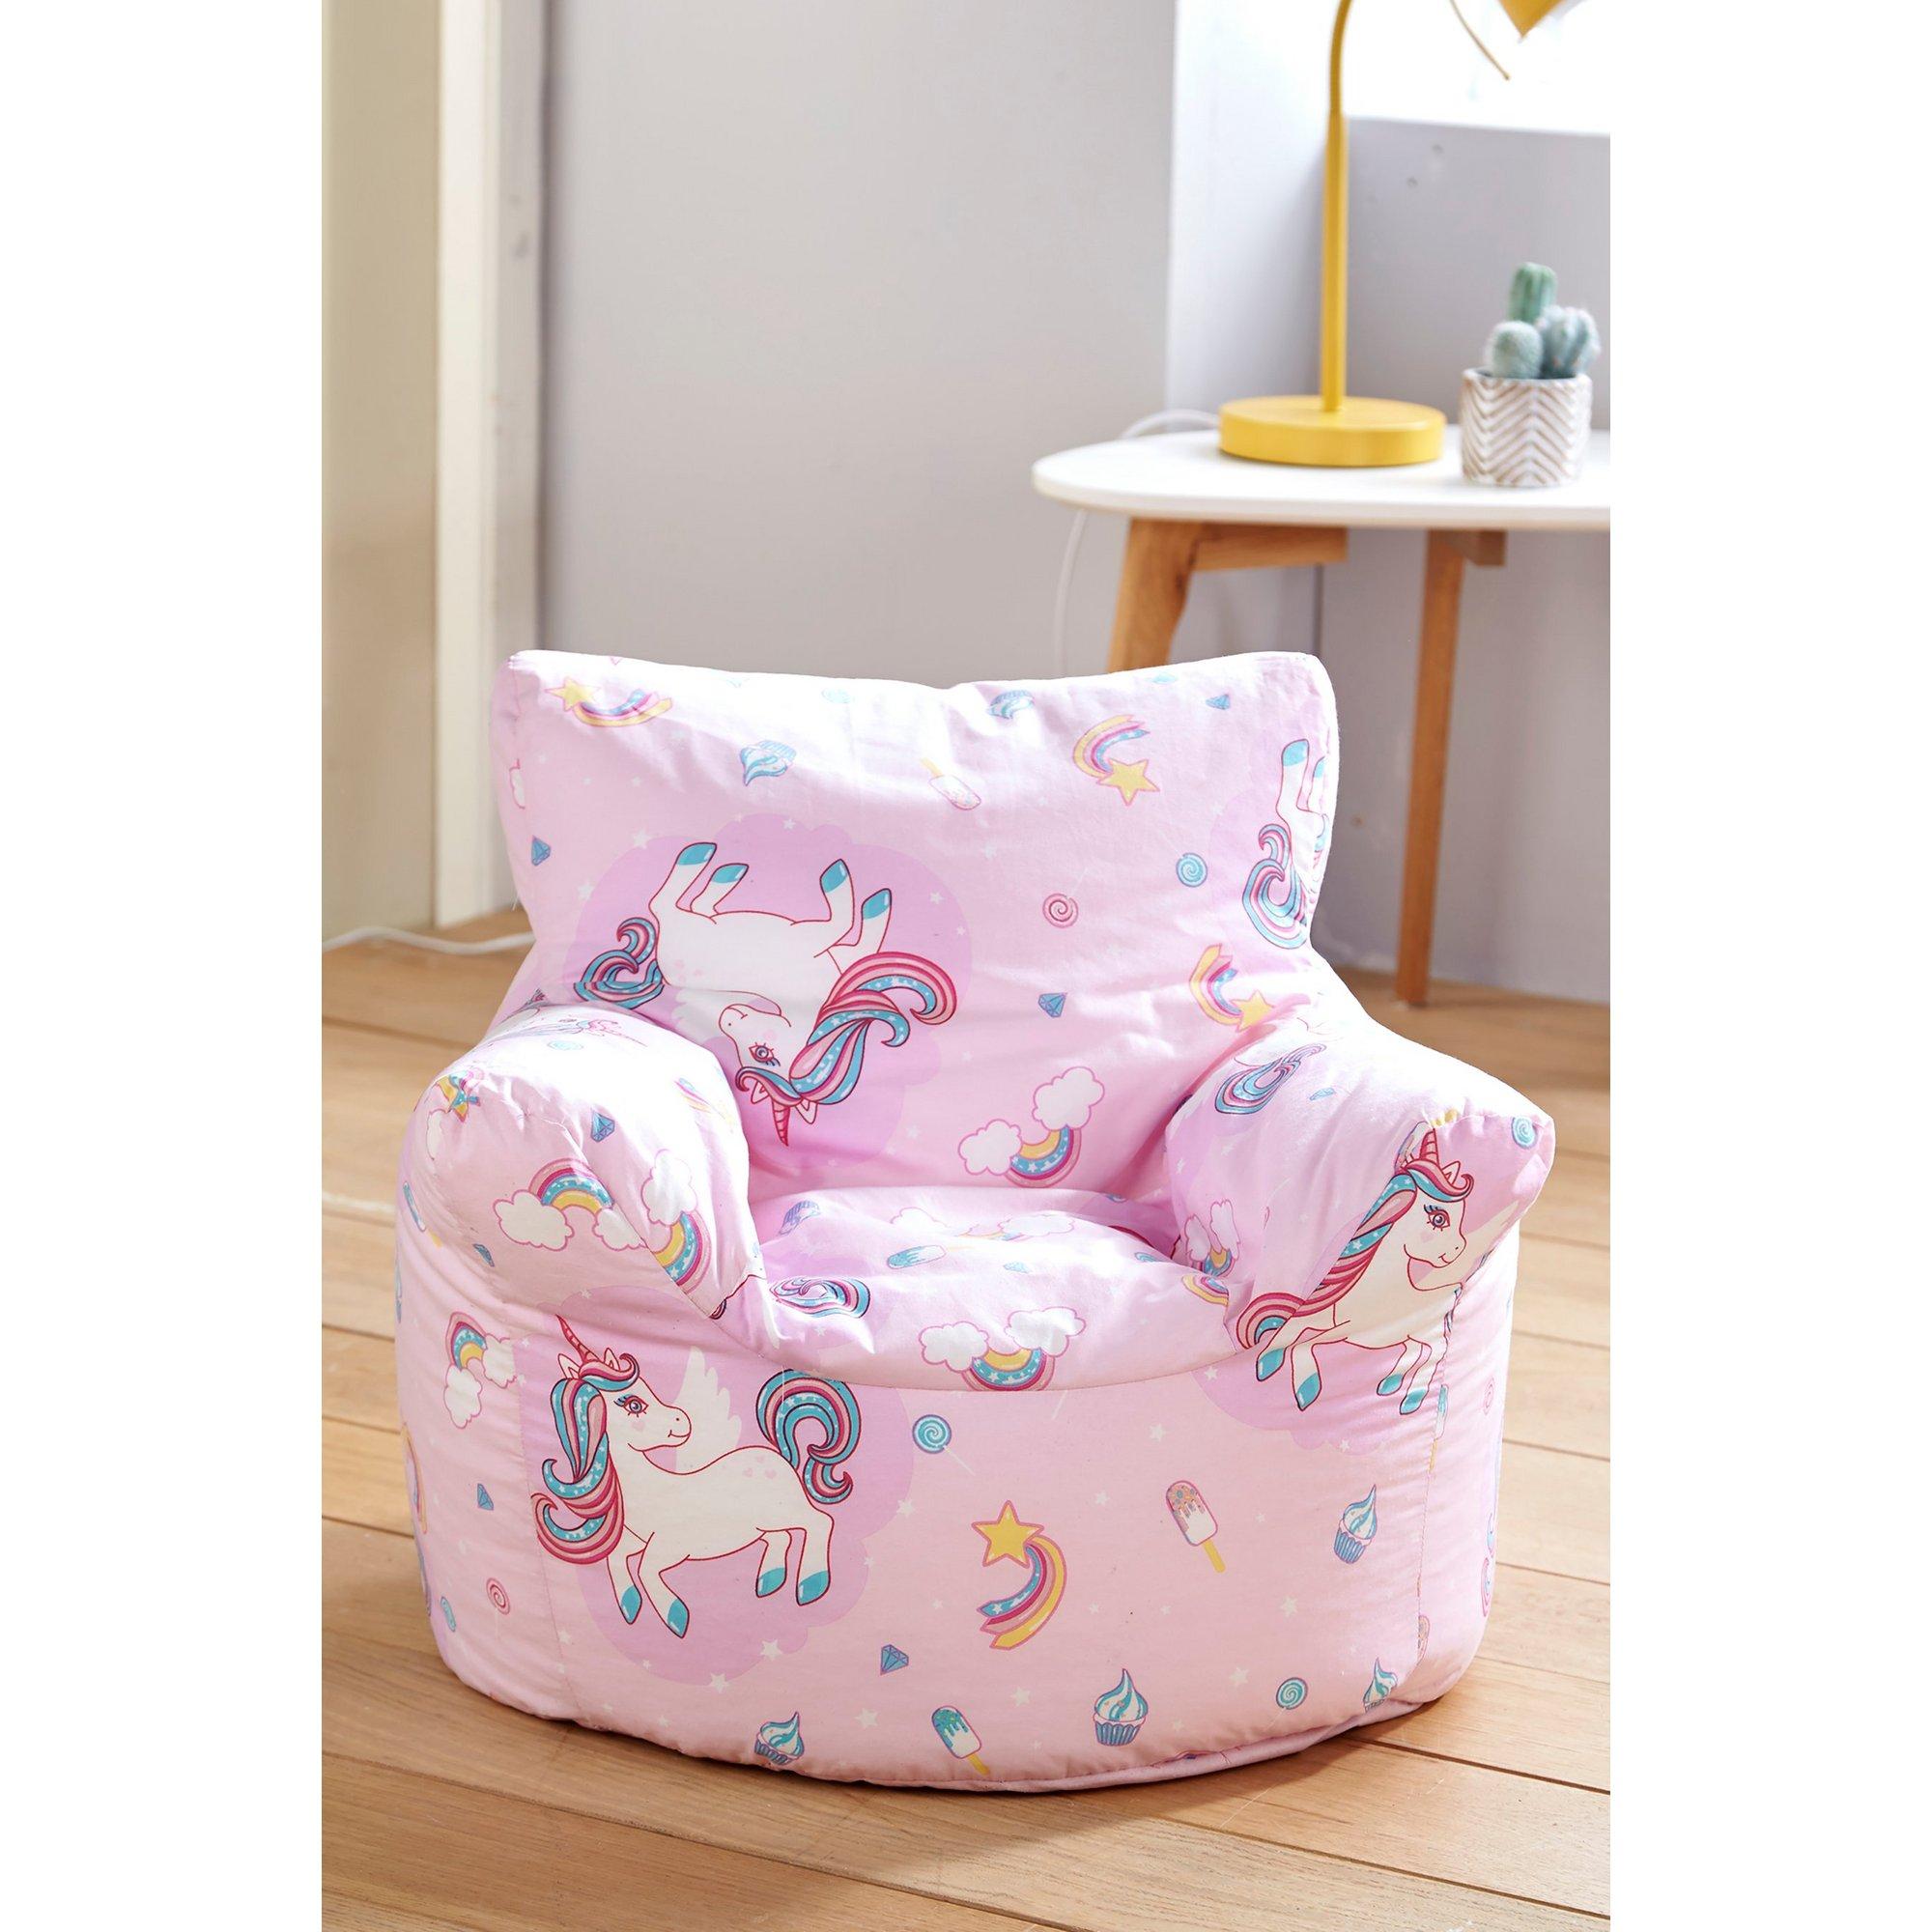 Image of Kids Unicorn Bean Bag Seat